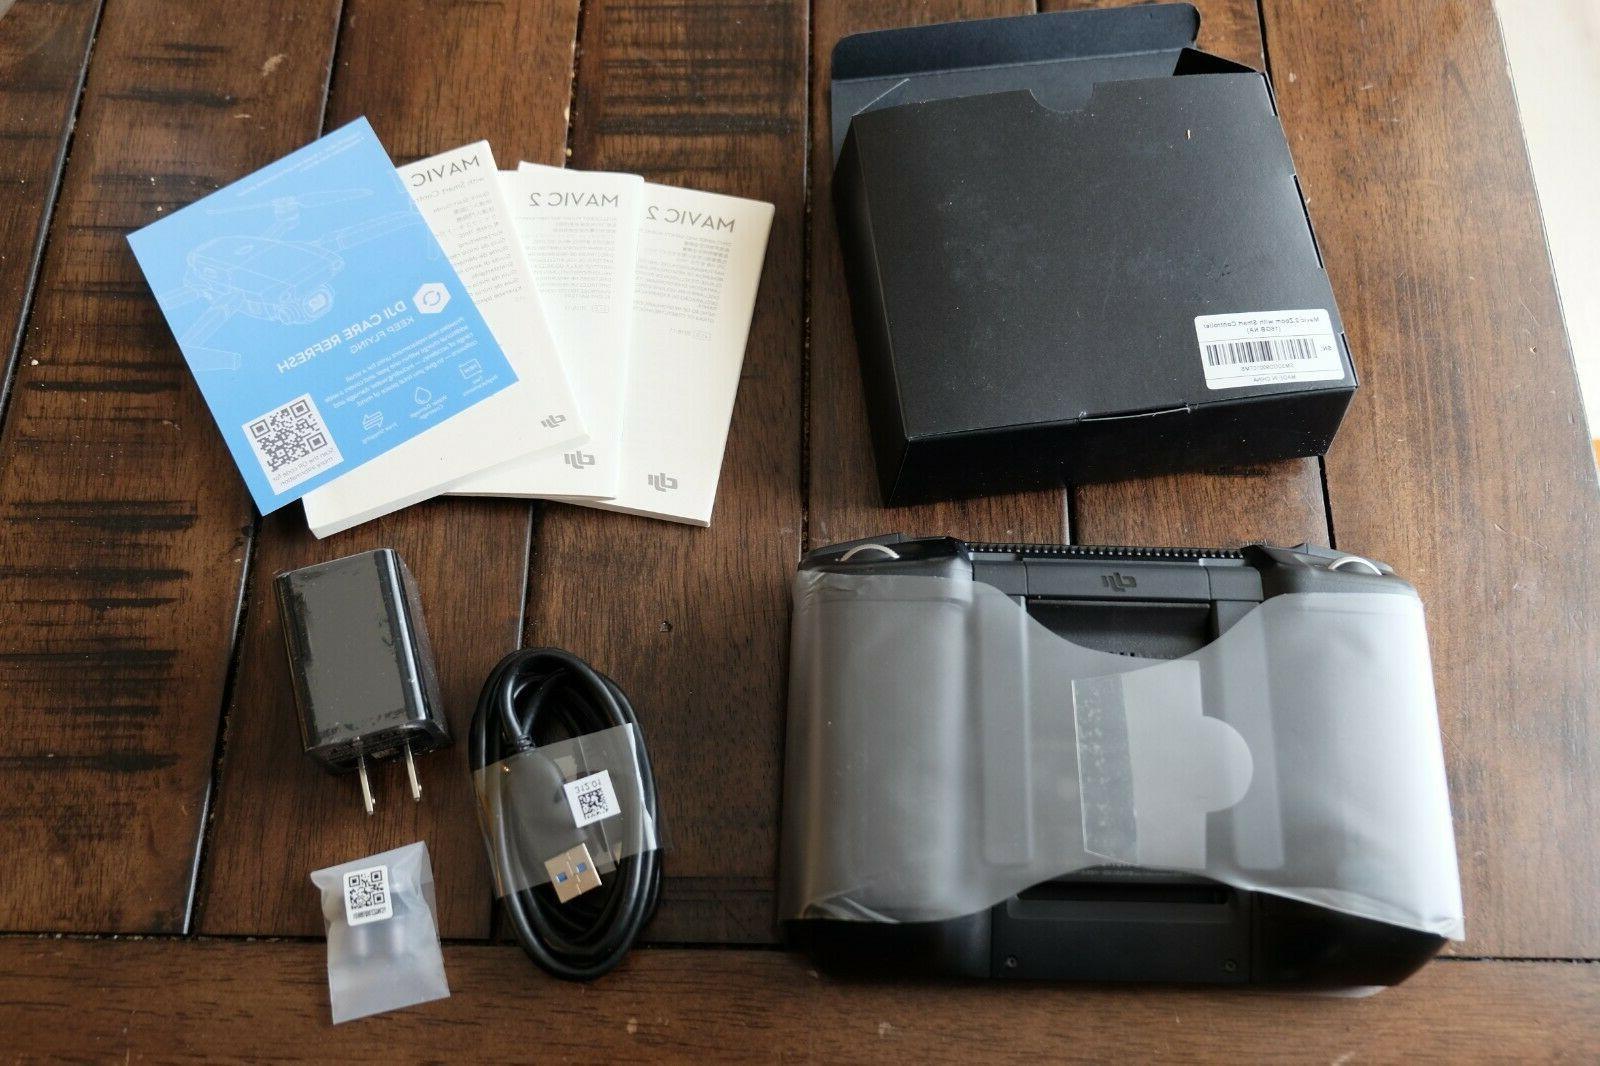 DJI Controller 5.5-inch for Mavic 2